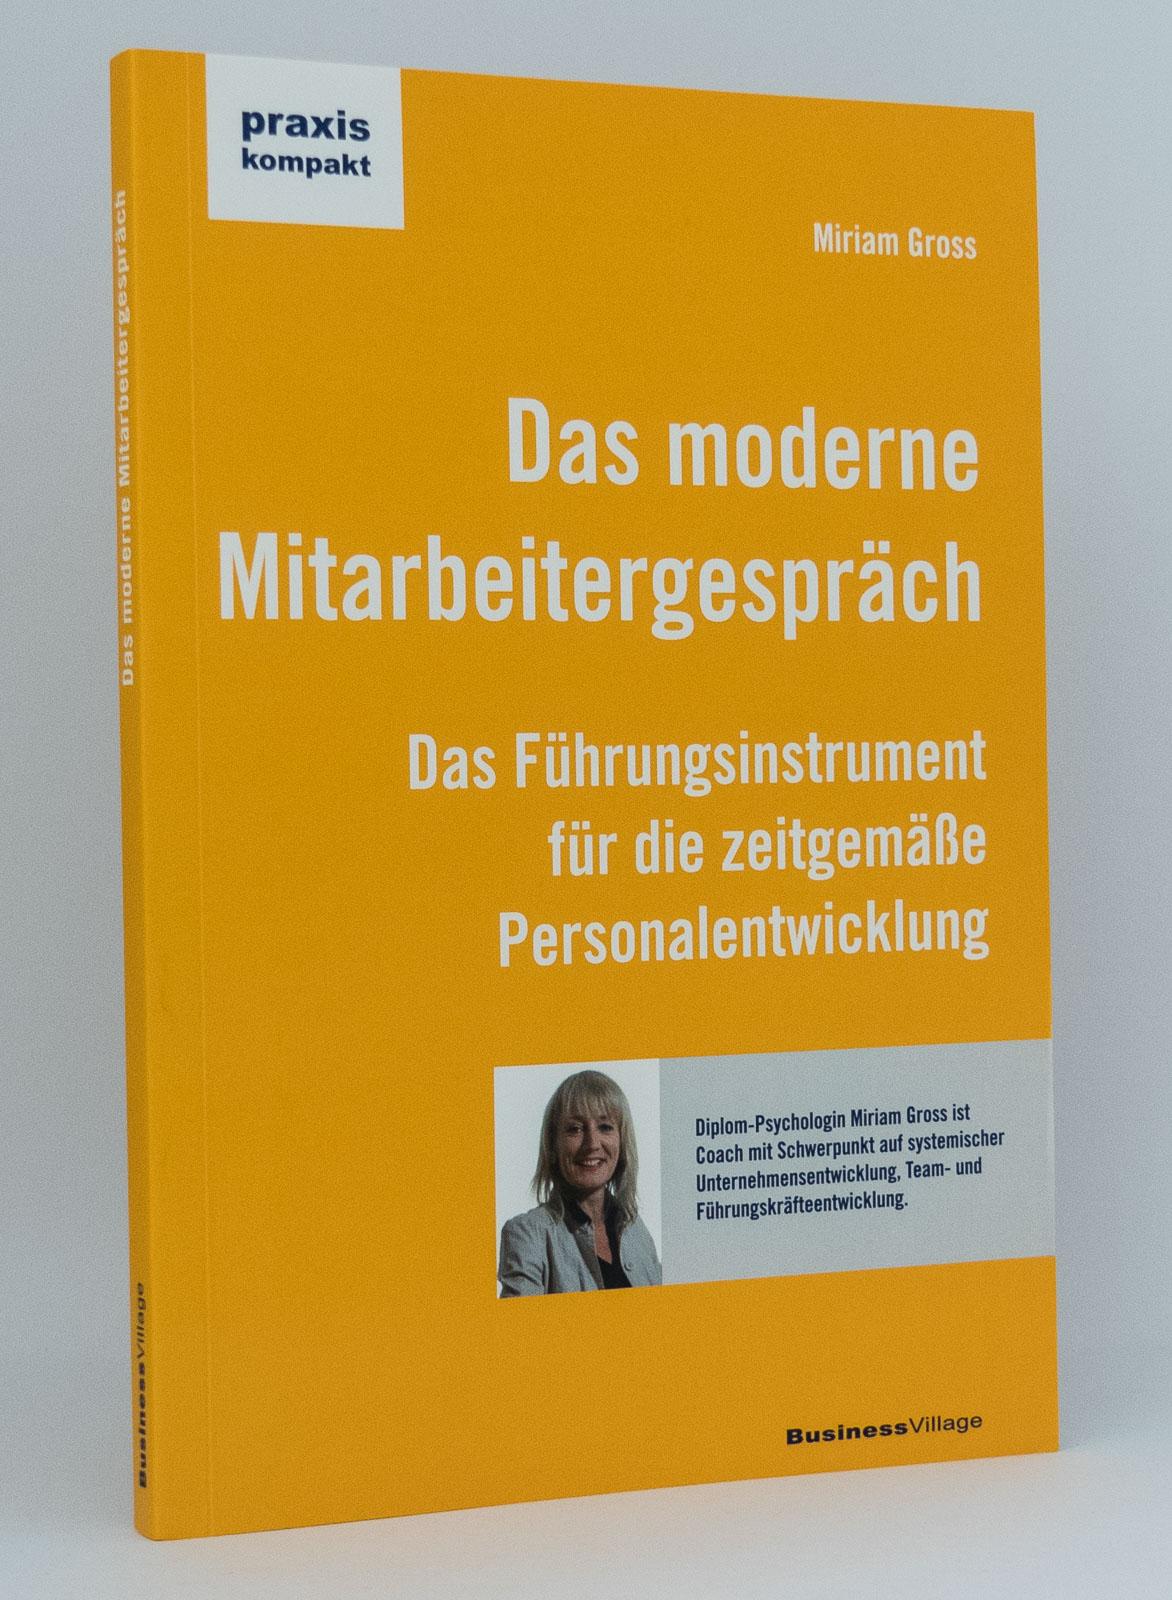 Das moderne Mitarbeitergespräch : Das Führungsinstrument für die zeitgemäße Personalentwicklung : (Reihe: Praxis kompakt) - Gross, Miriam